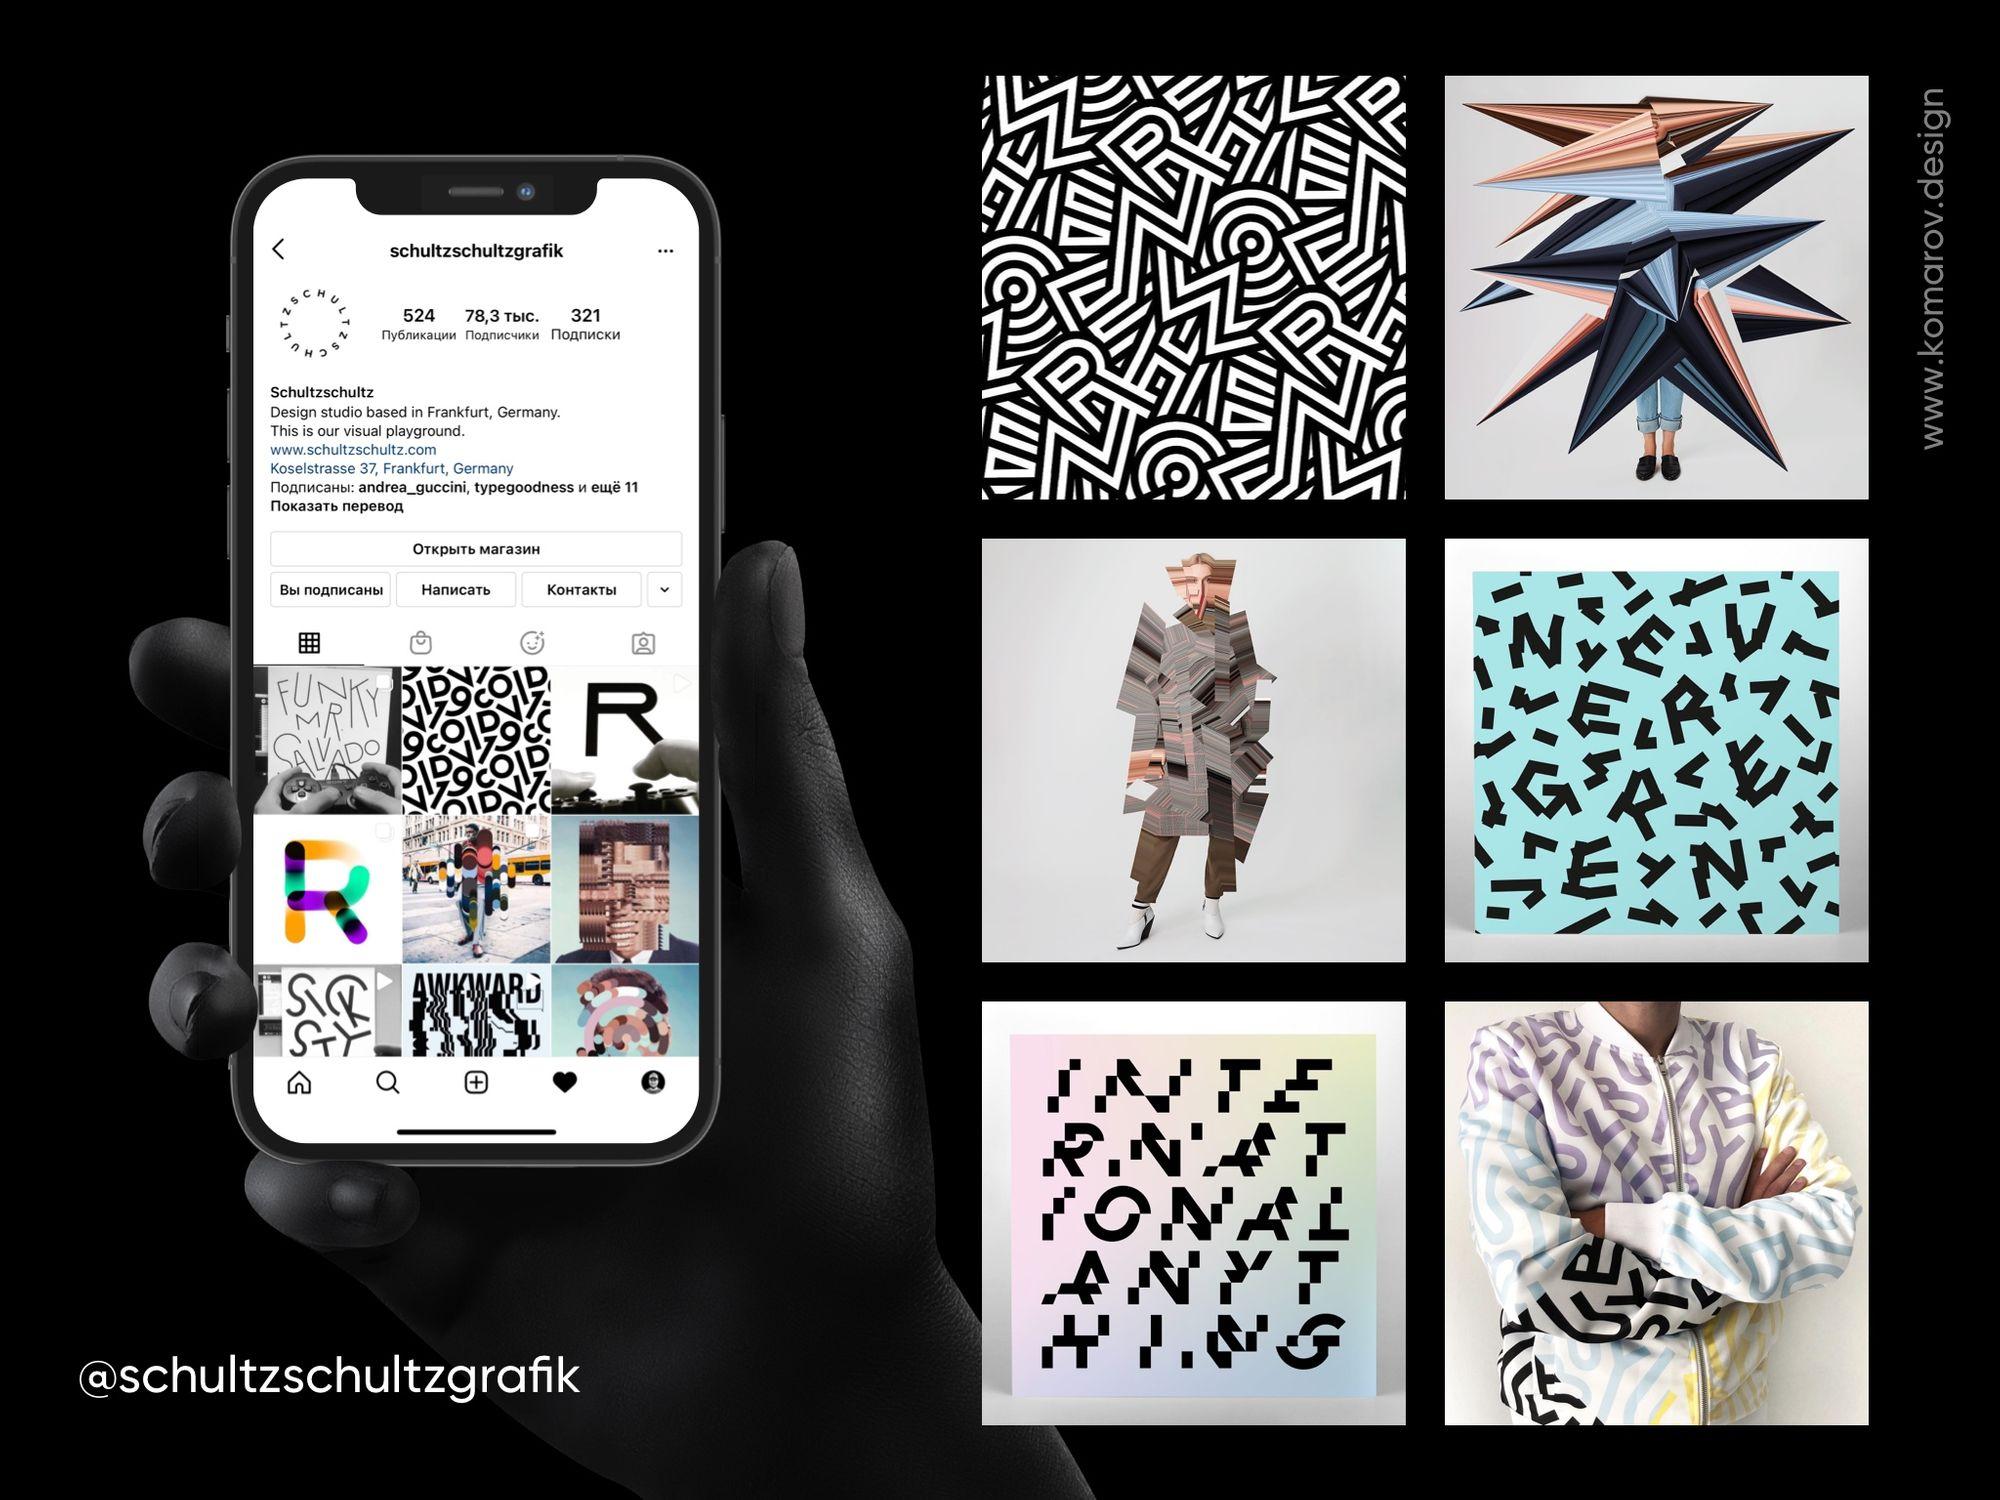 Инстаграм-аккаунт немецкой студии дизайна